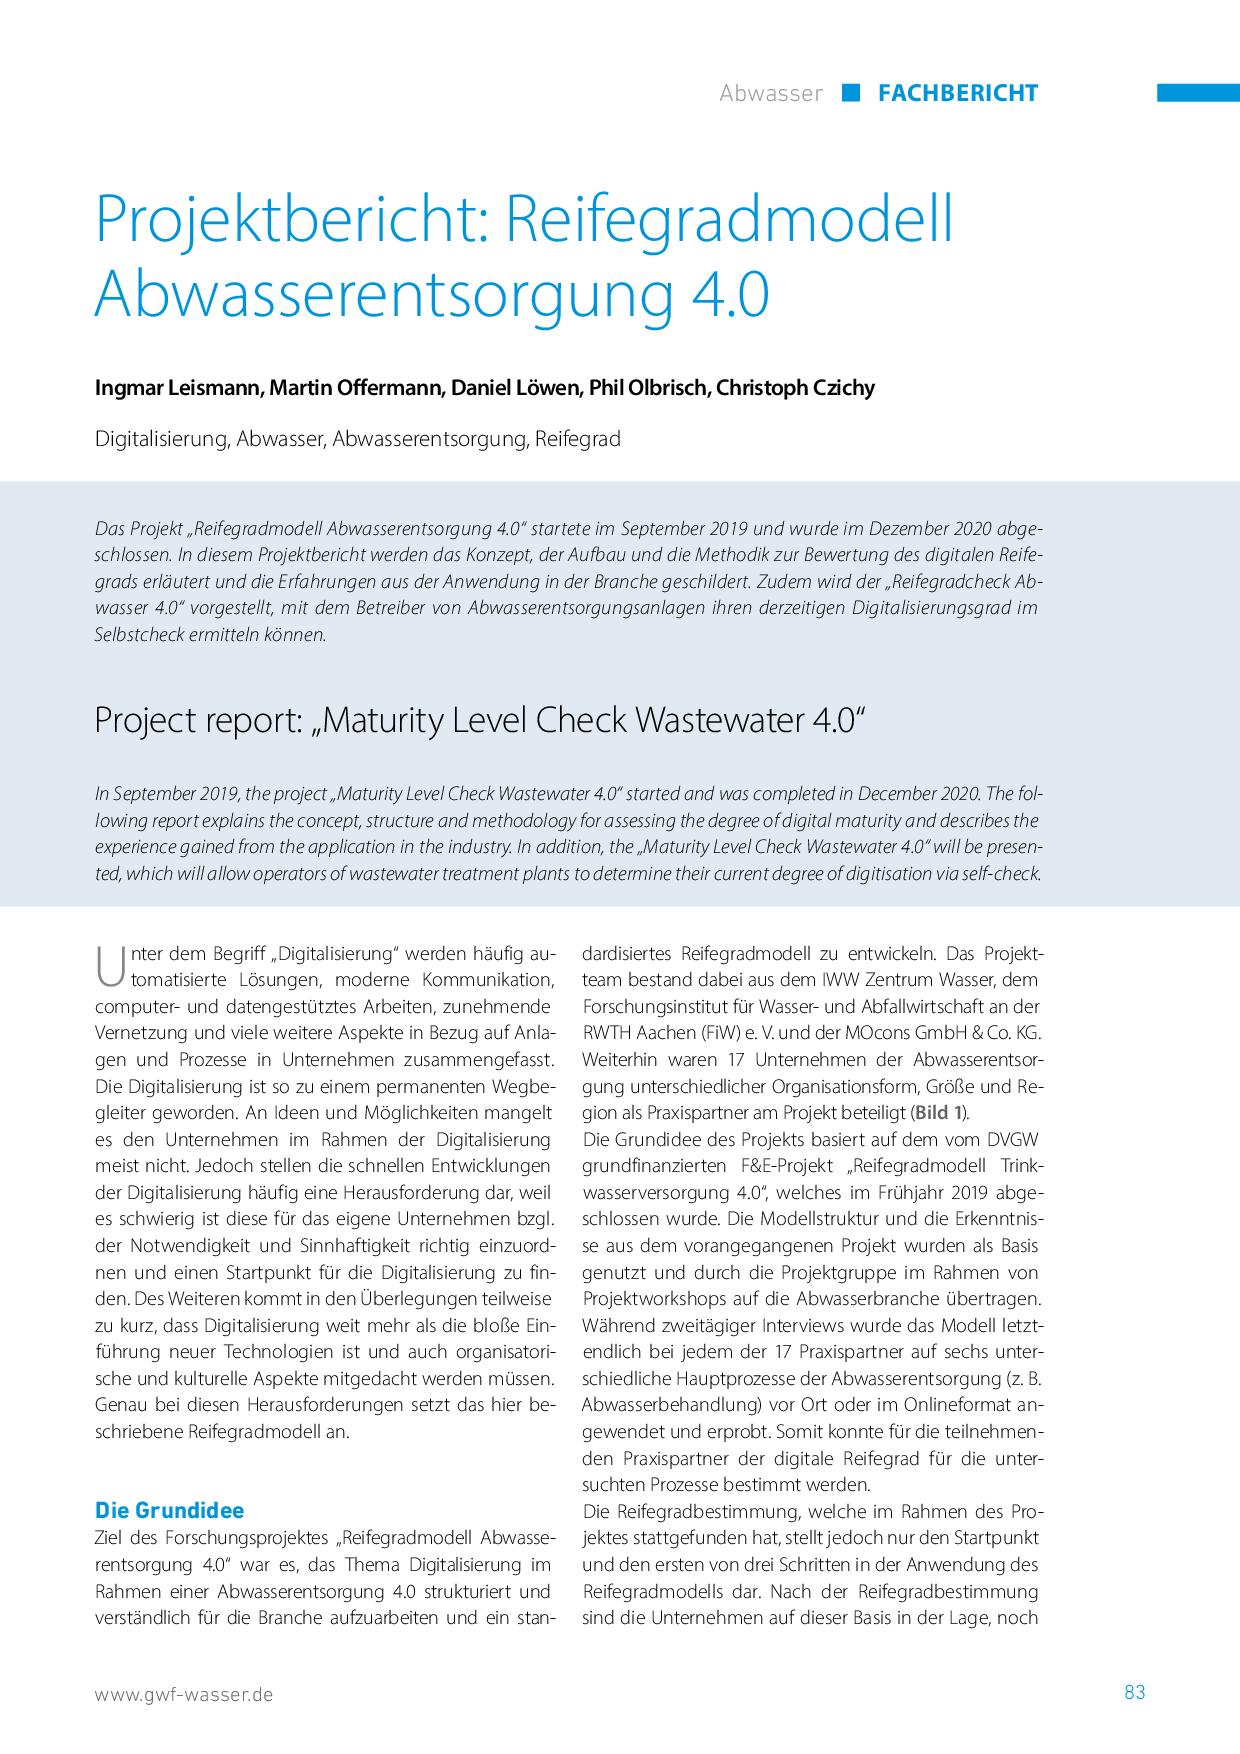 Projektbericht: Reifegradmodell Abwasserentsorgung 4.0